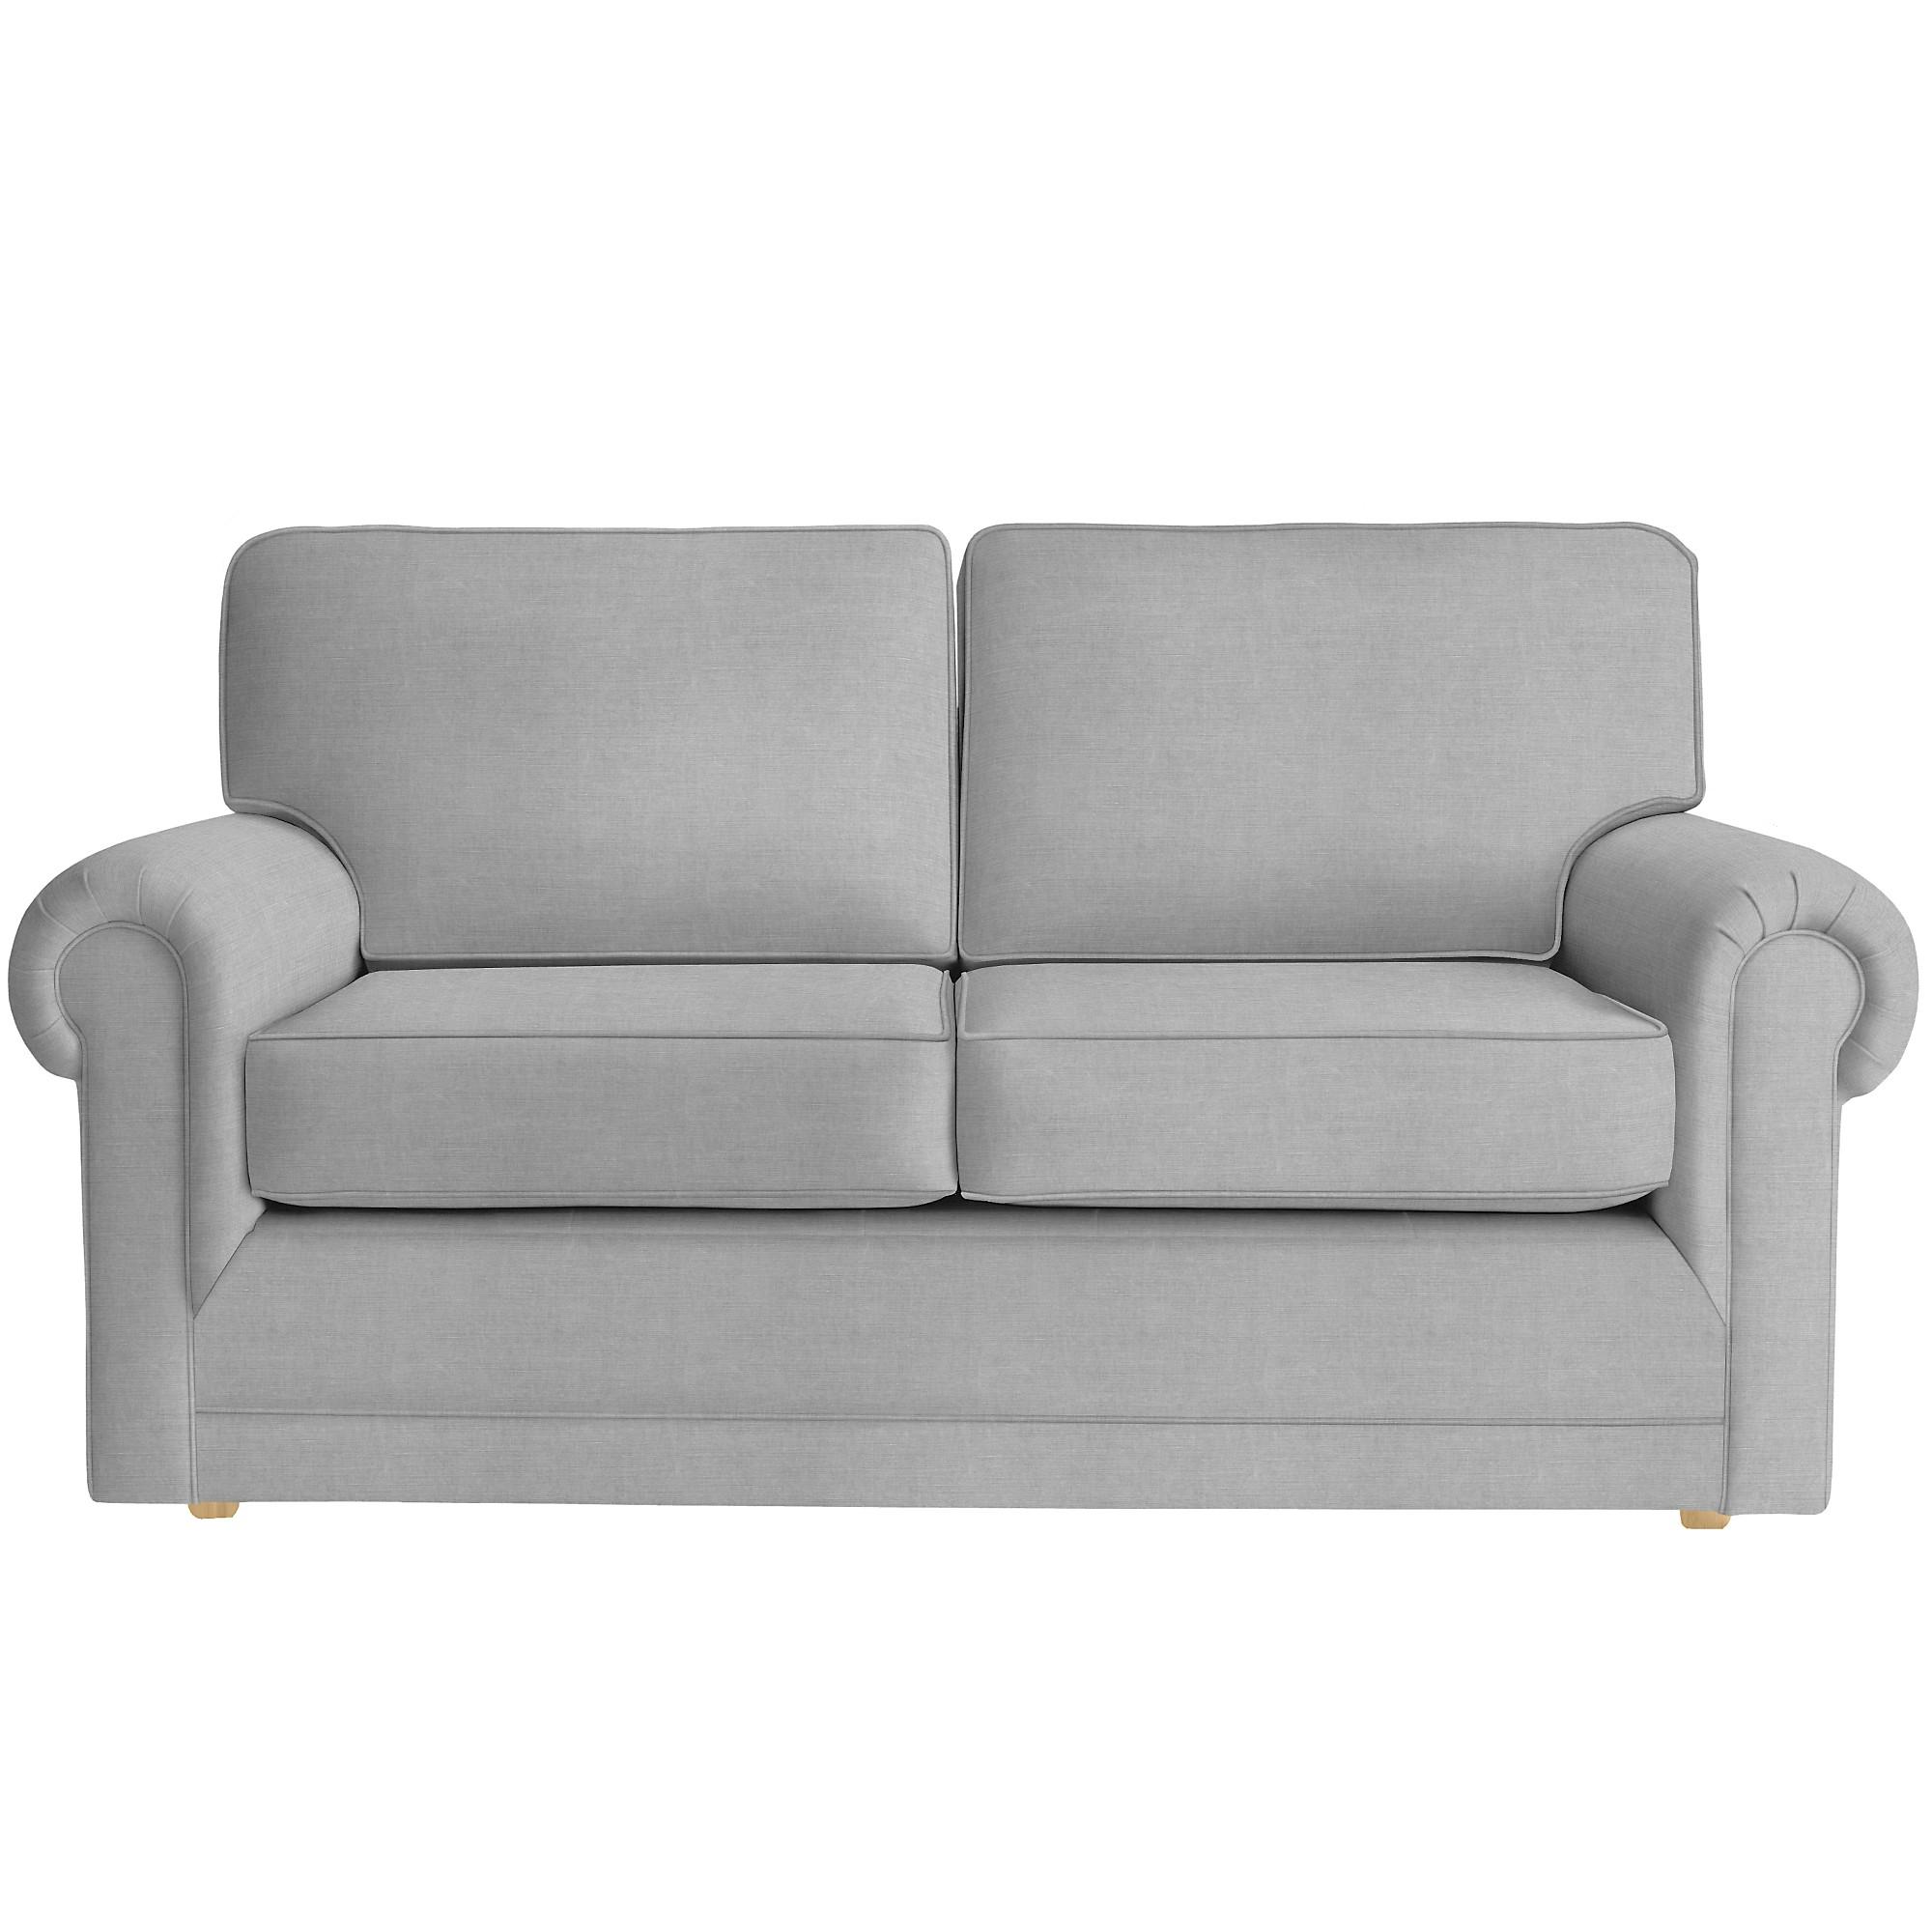 John Lewis Elgar Grand Pocket Sprung Sofa Bed